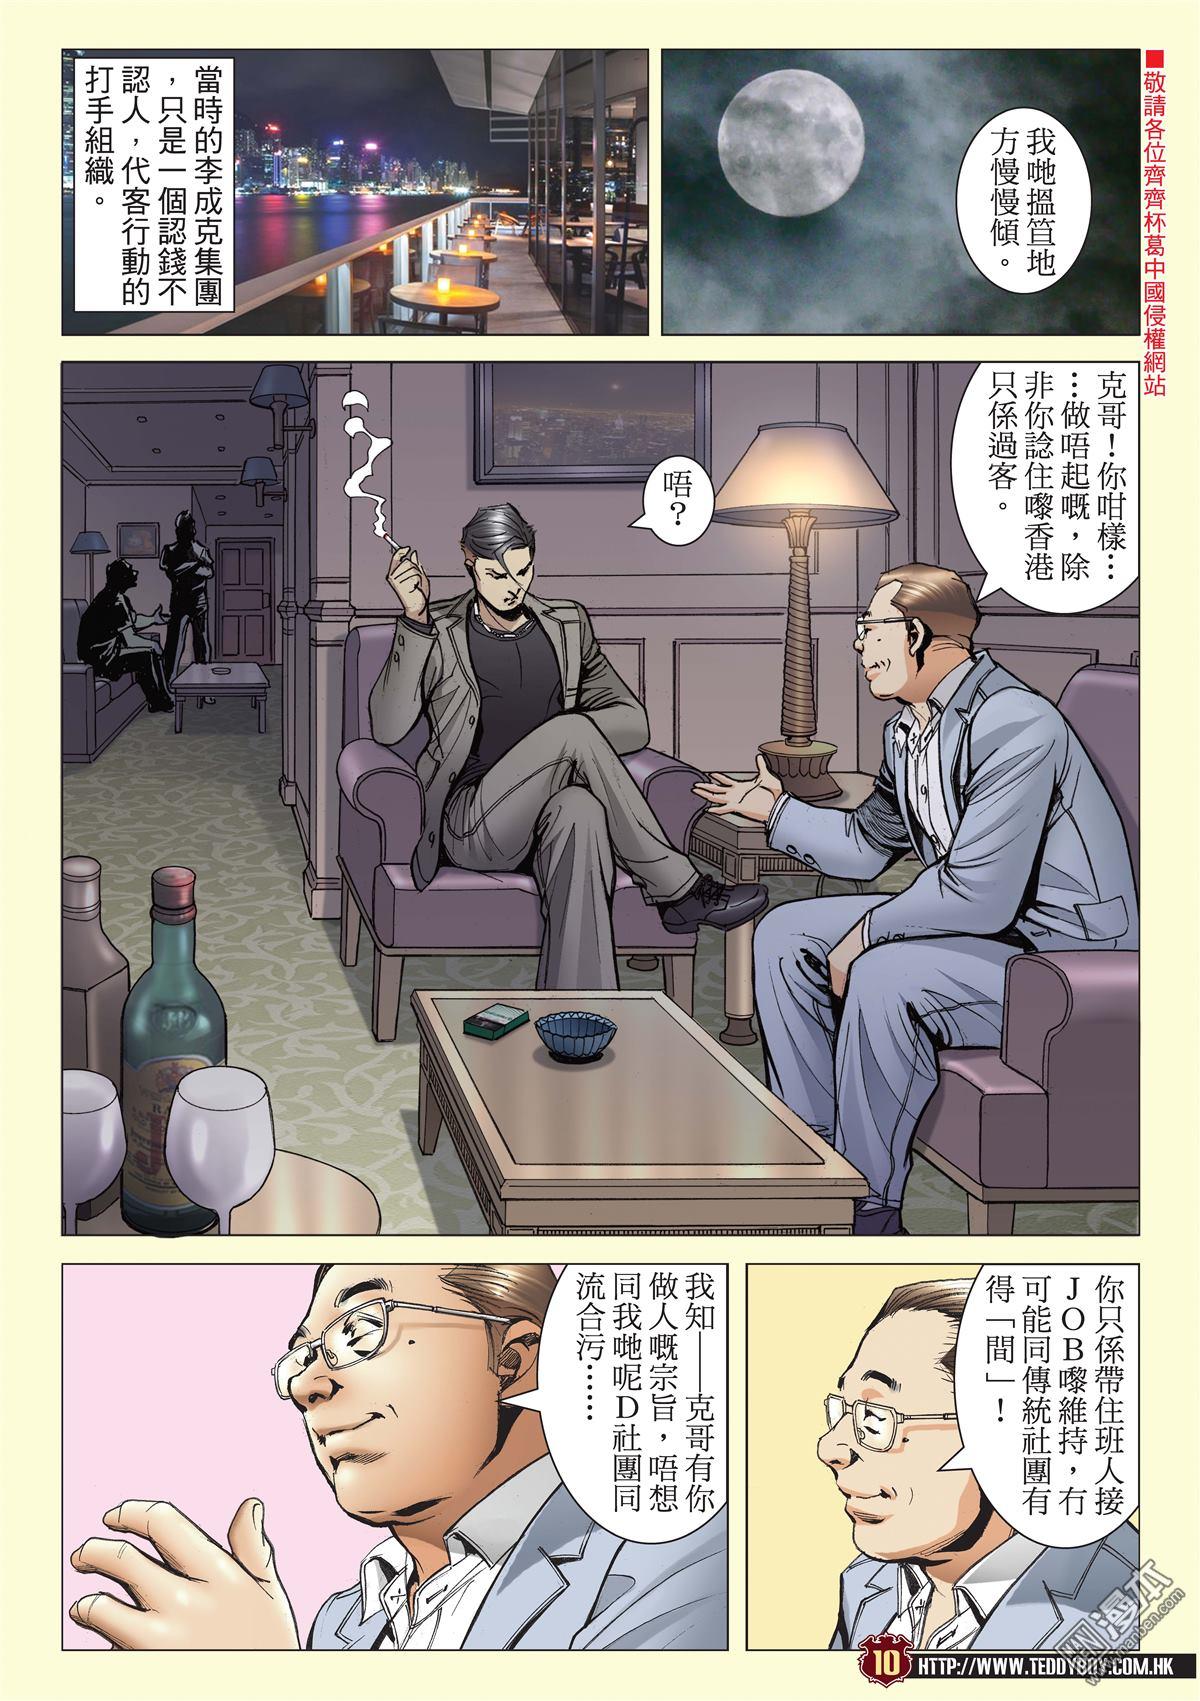 Người Trong Giang Hồ chap 2129 - Trang 8